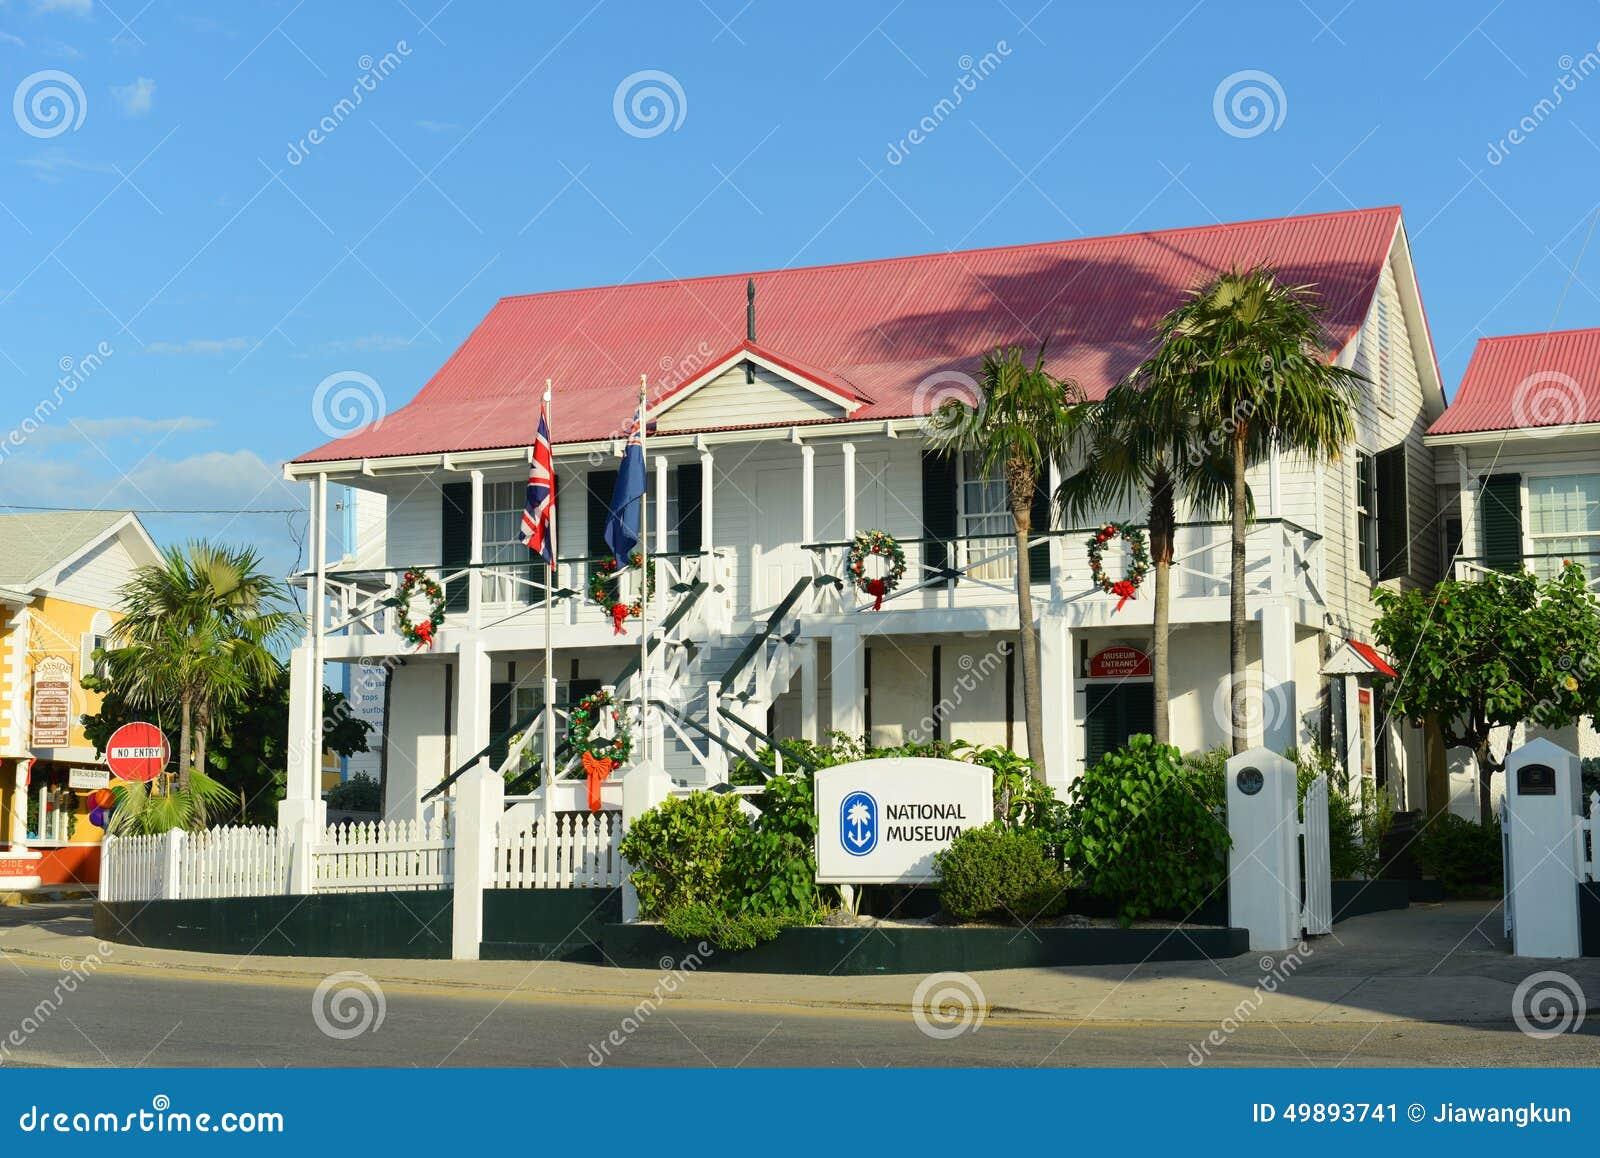 Национальный музей в городке Джордж, Каймановых островах